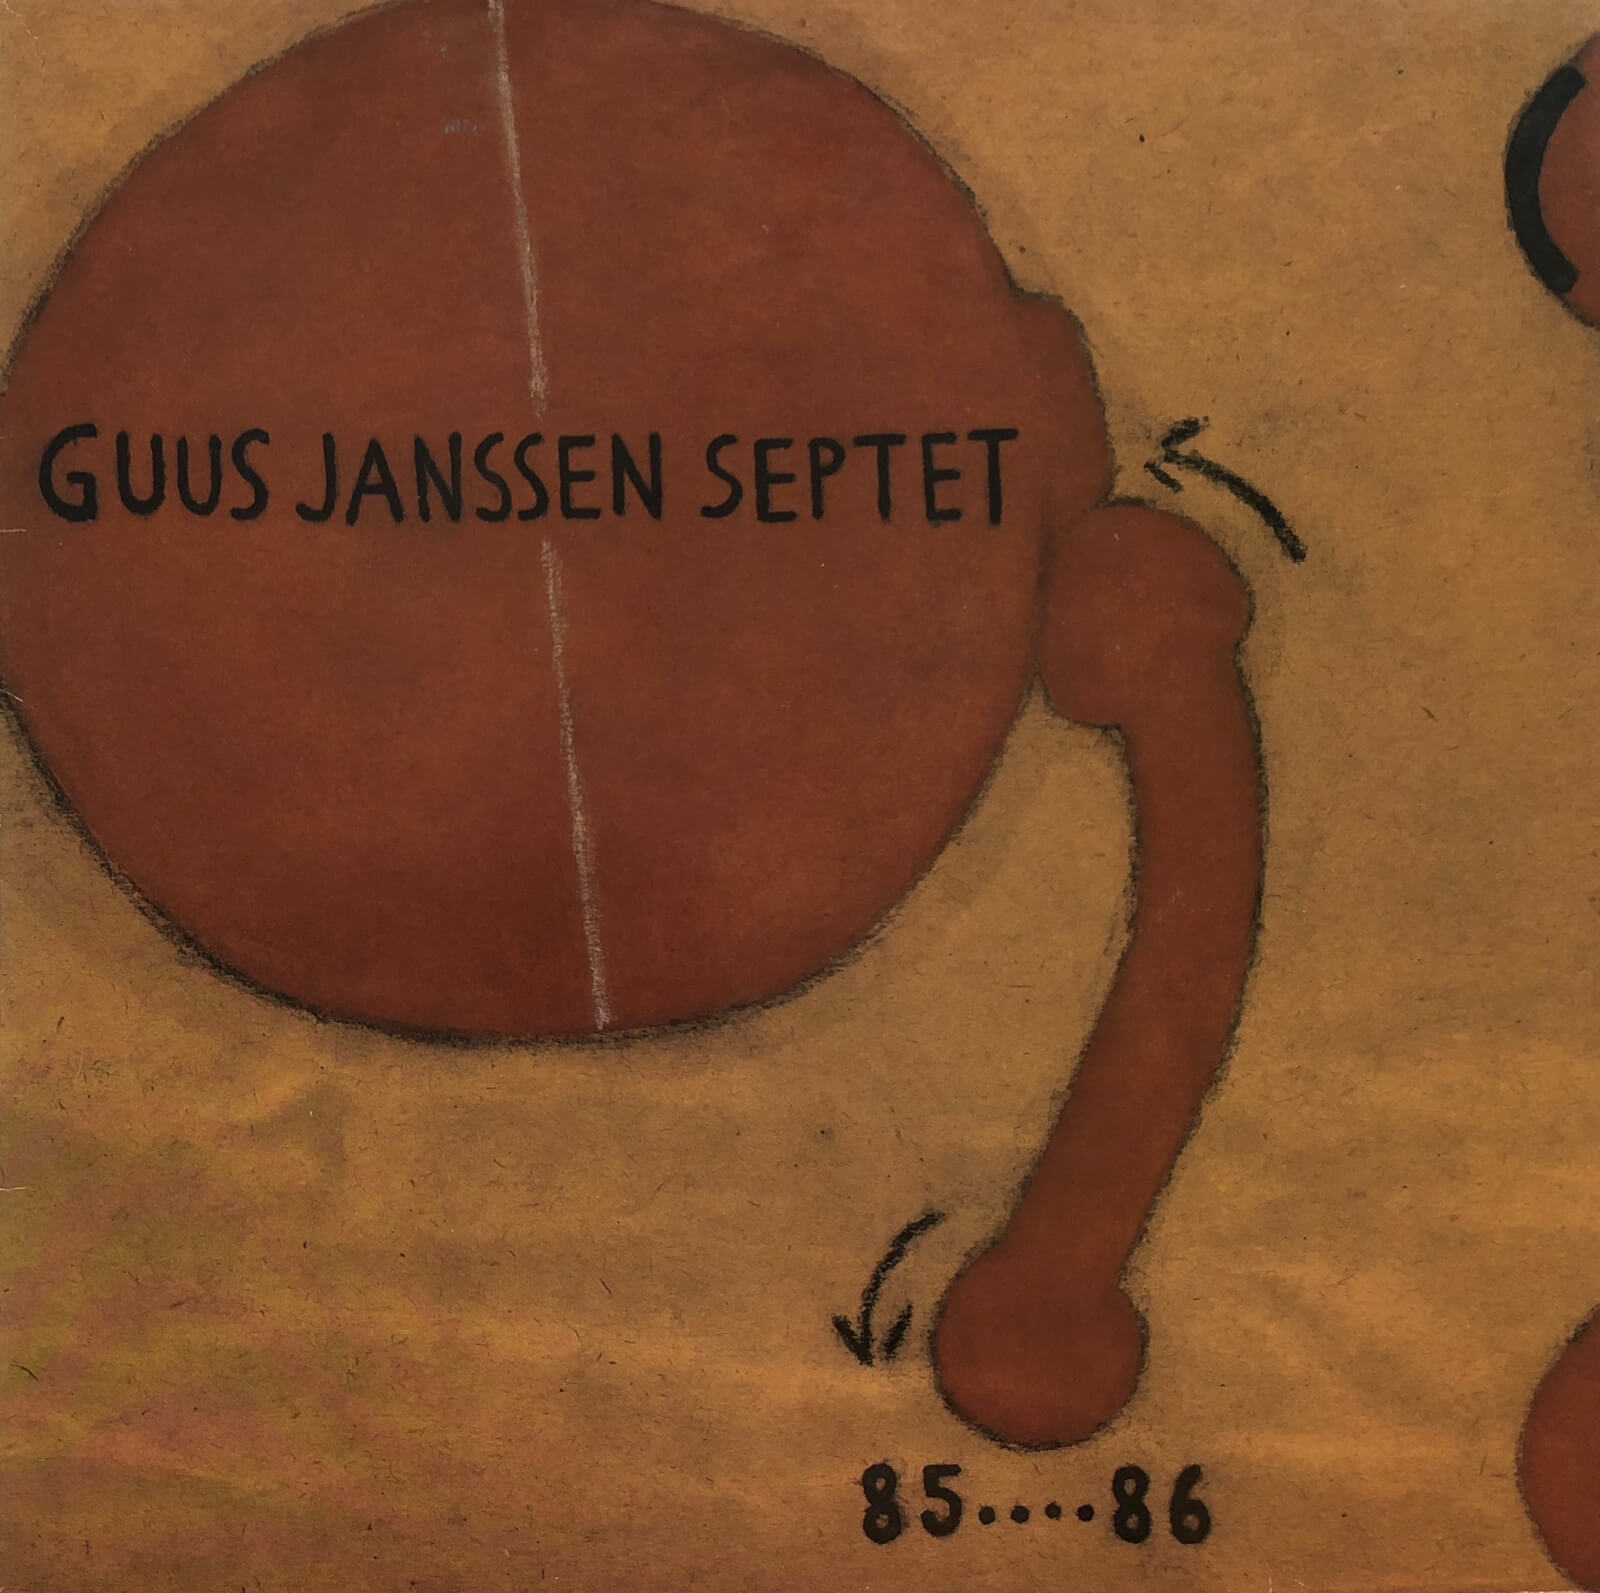 2018-09-06 - guus-janssen-septet-1.jpg